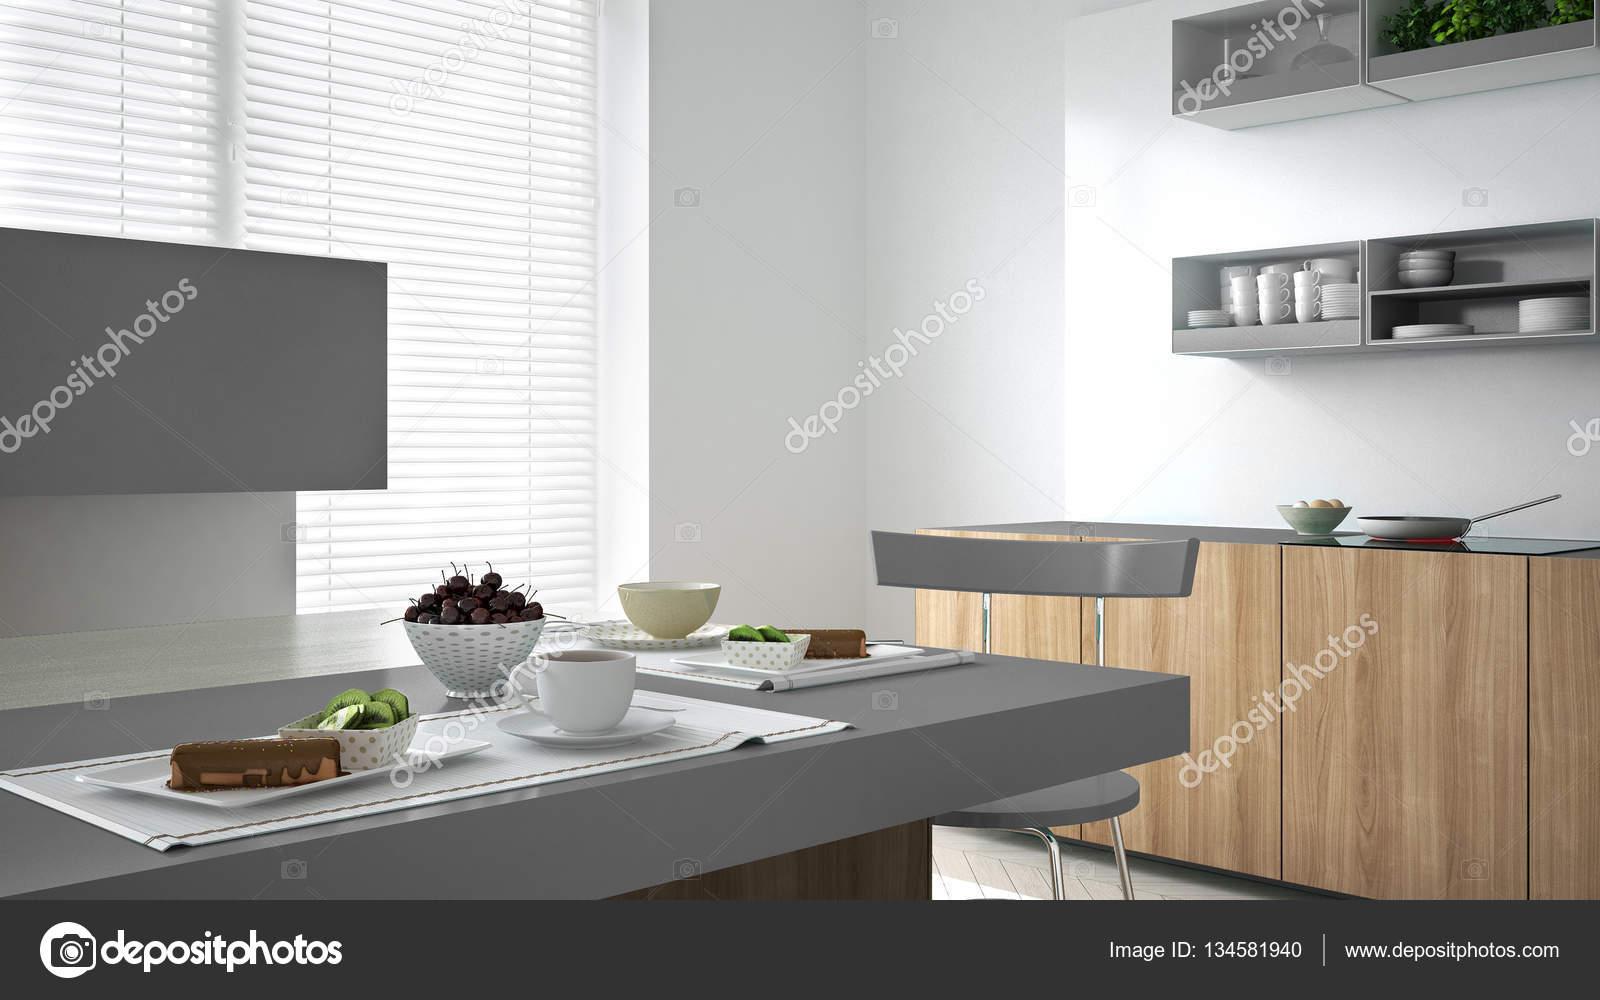 Witte Minimalistische Woonkeuken : Minimalistische witte keuken met houten en grijze details